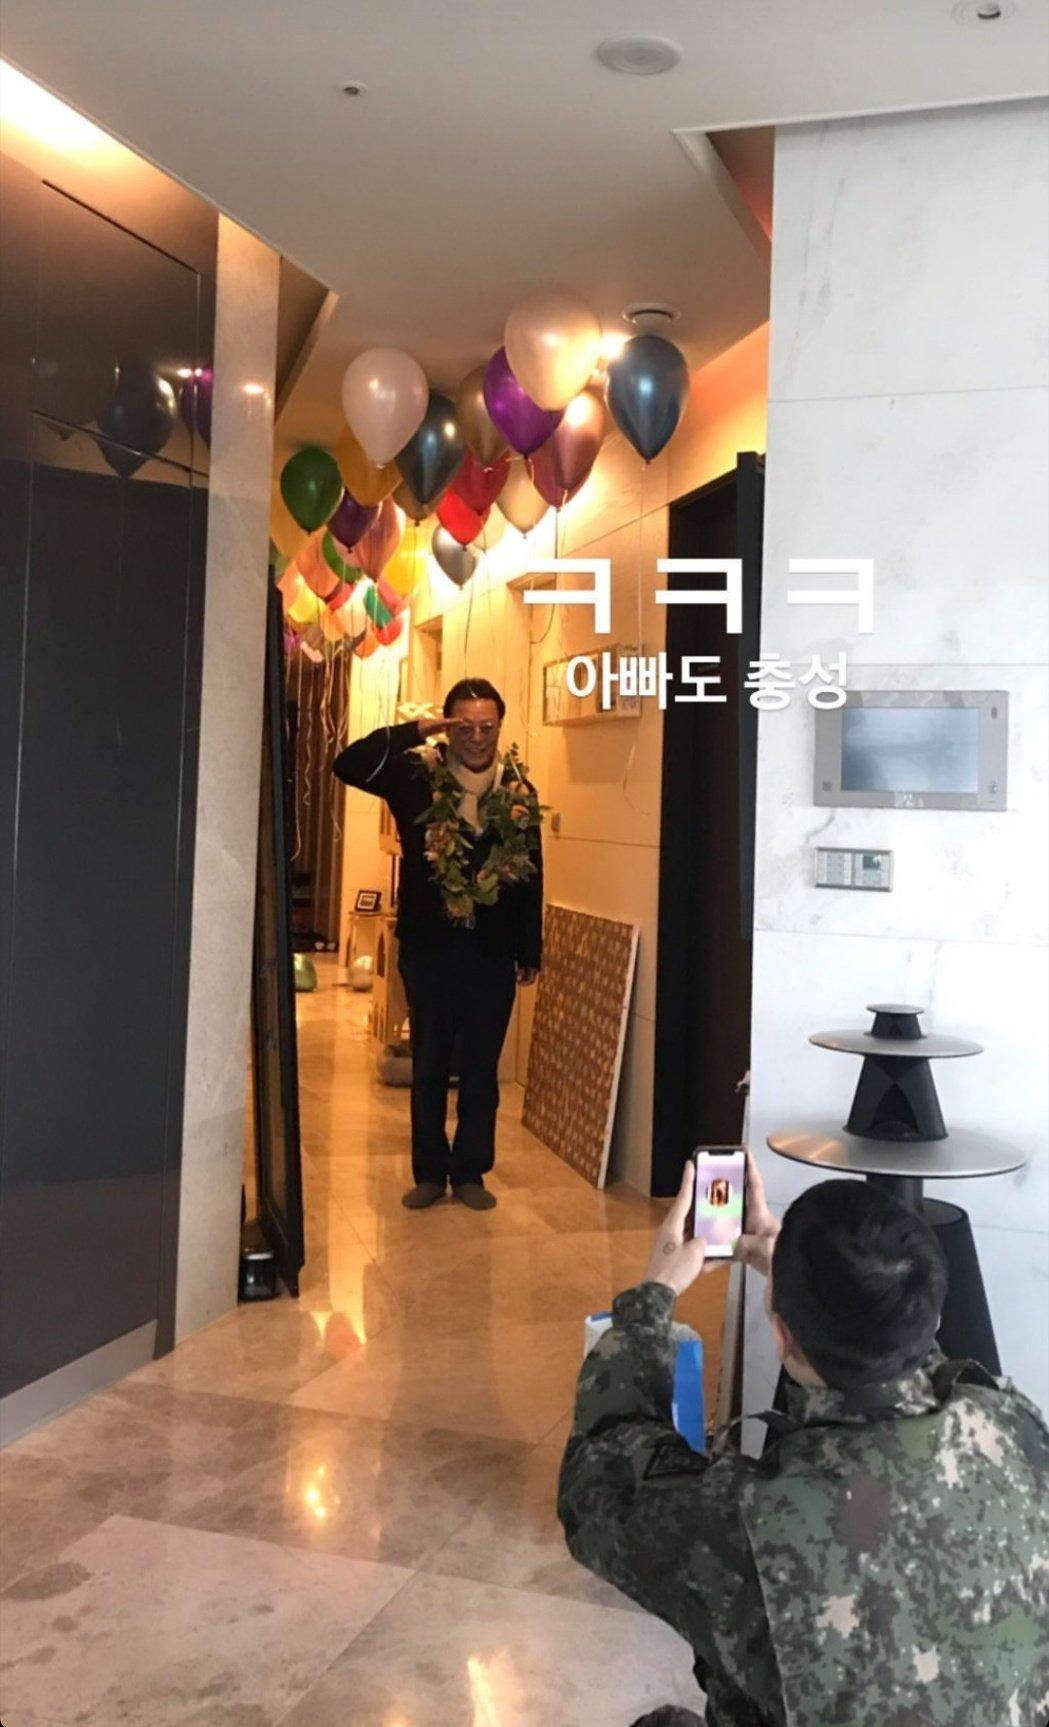 GD退伍後回到家,家人為他辦了一個溫馨派對。 圖/擷自IG